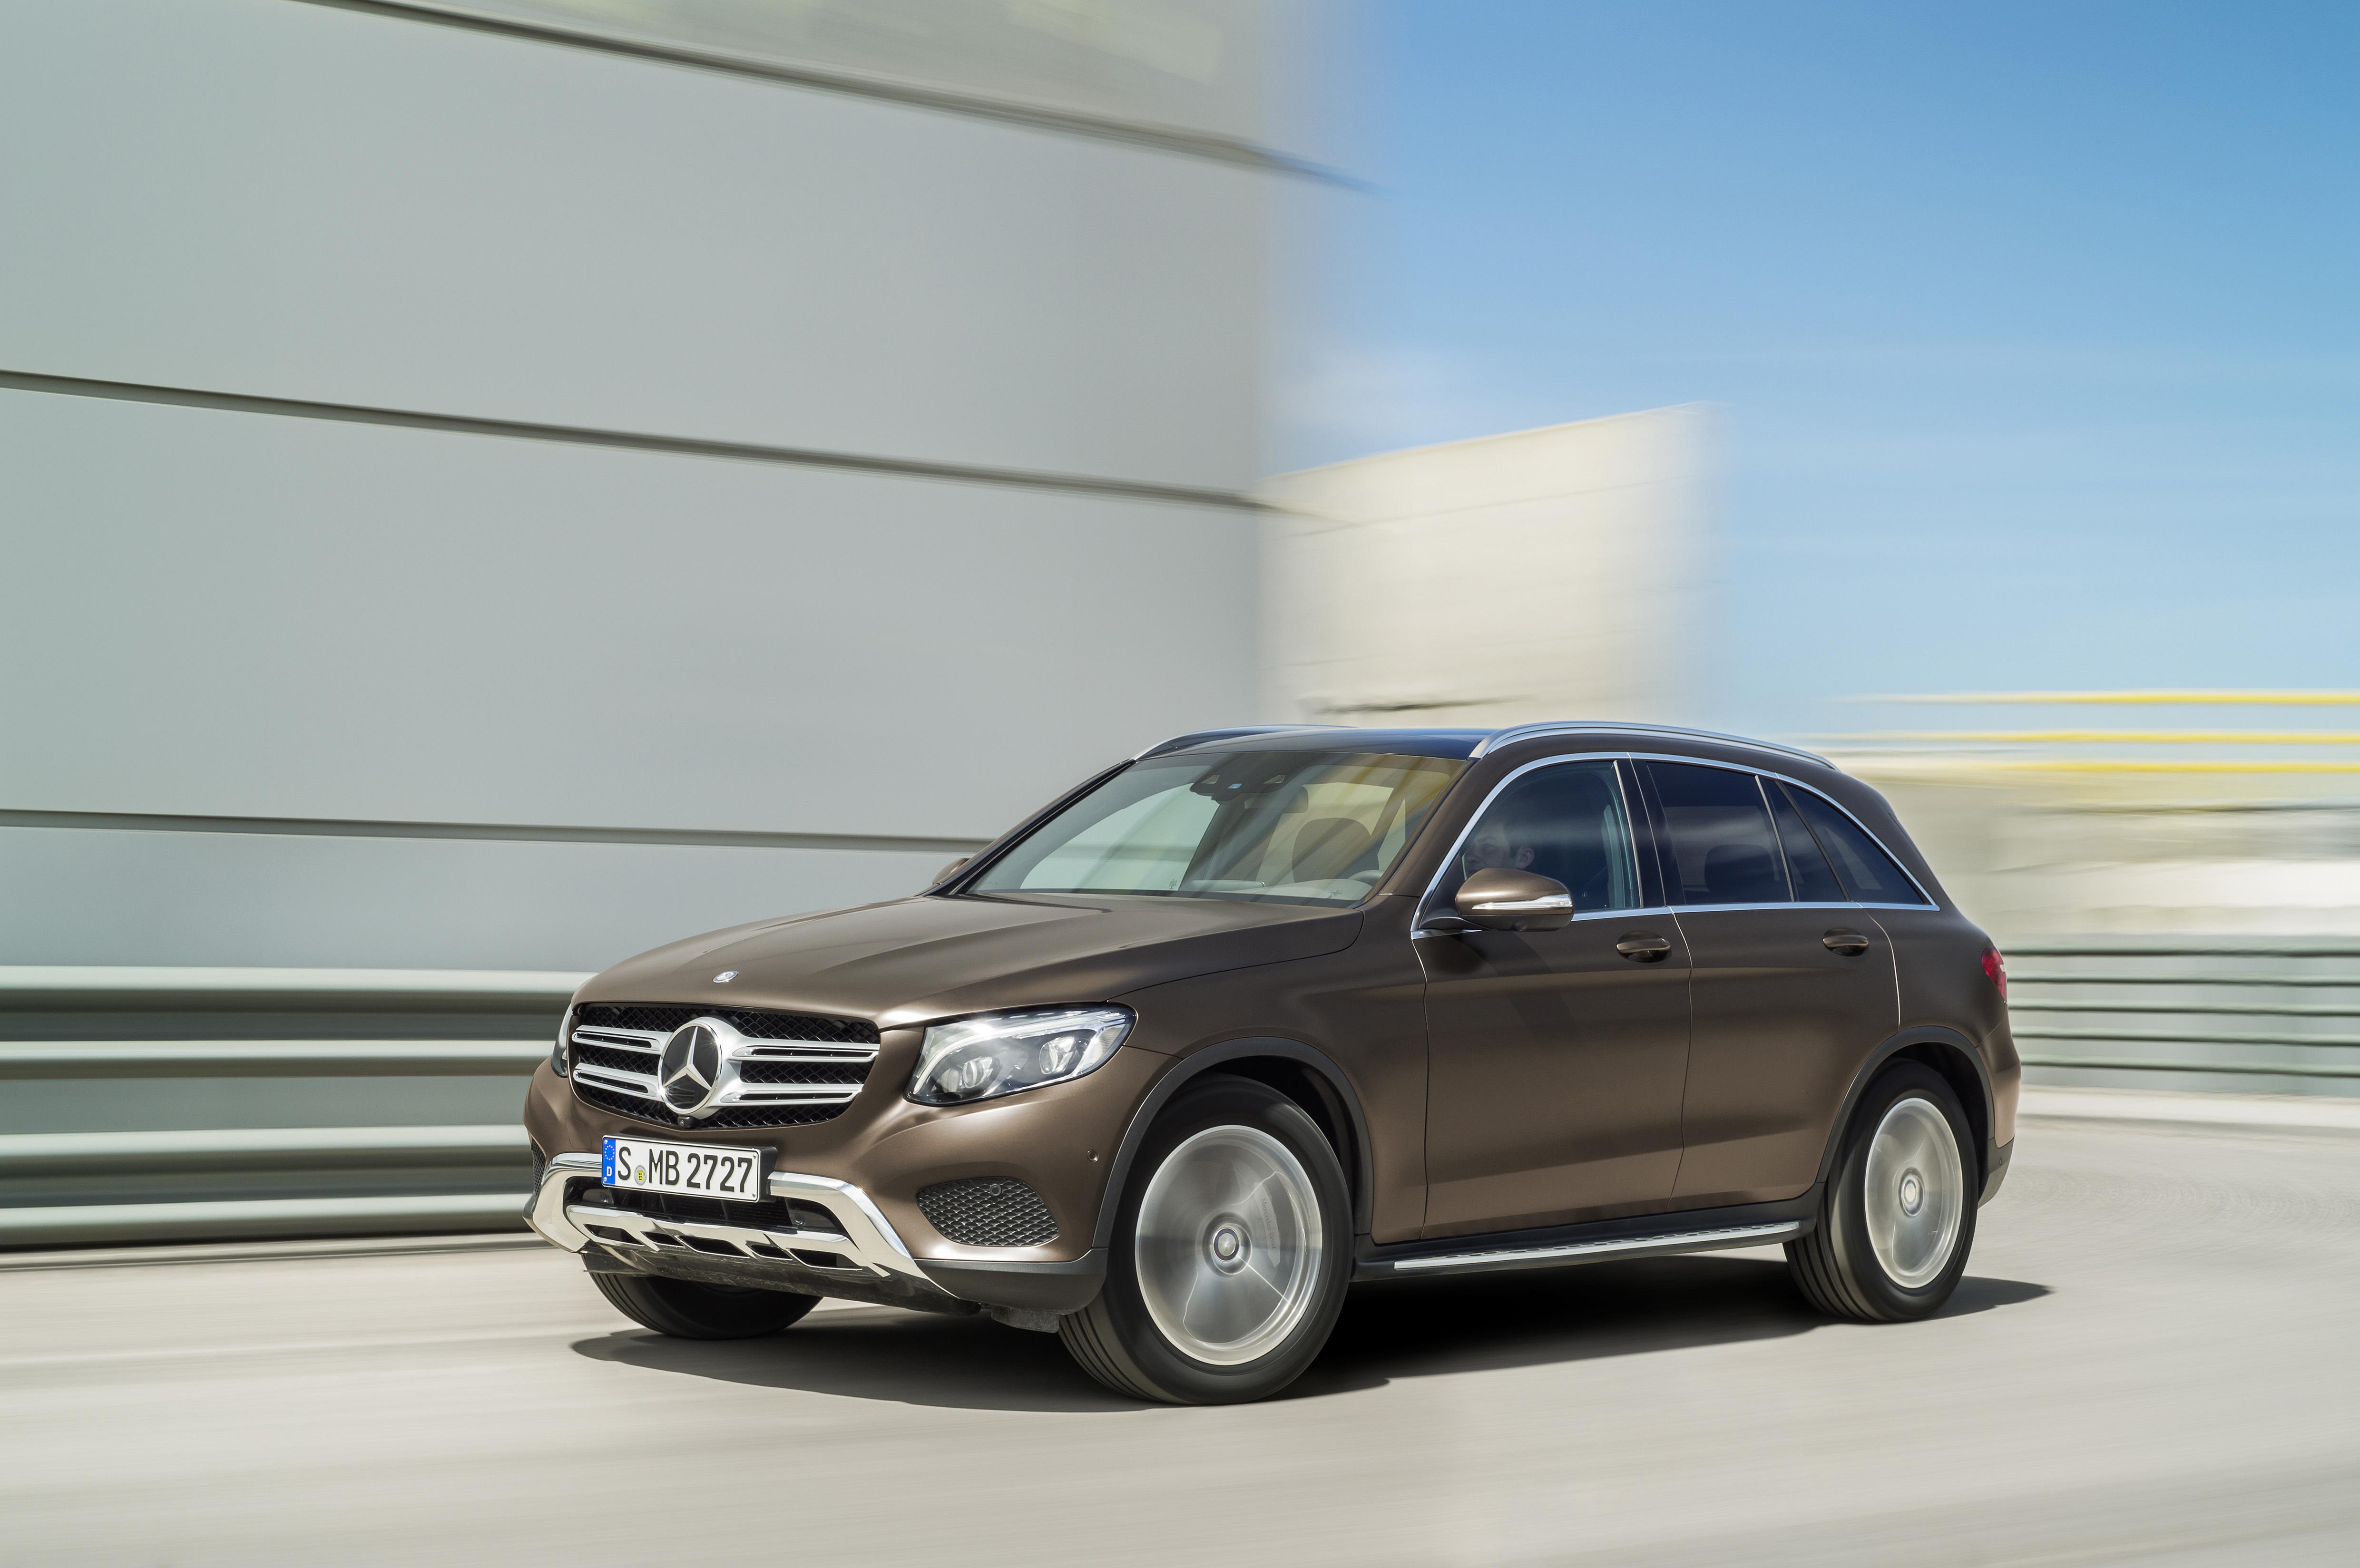 За I полугодие 2017г. продажи Mercedes-Benz выросли на 13,7%